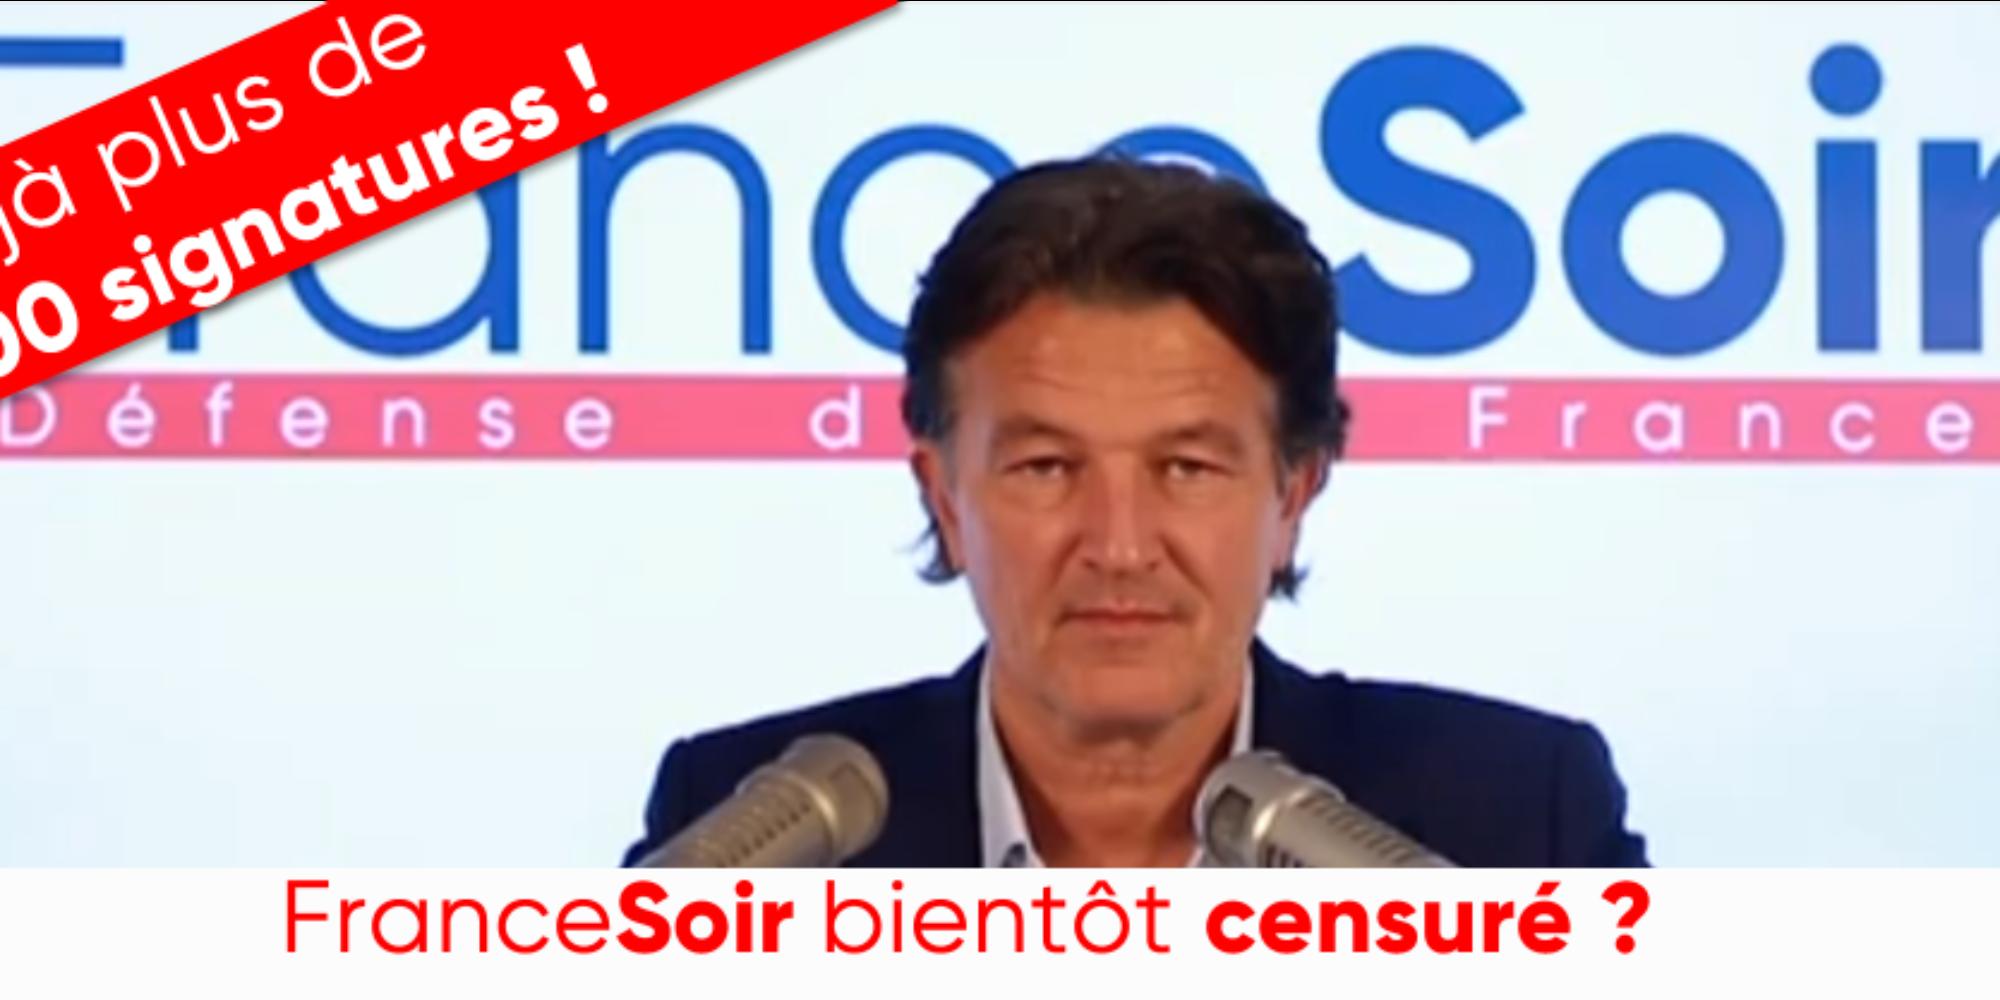 Soutien FranceSoir